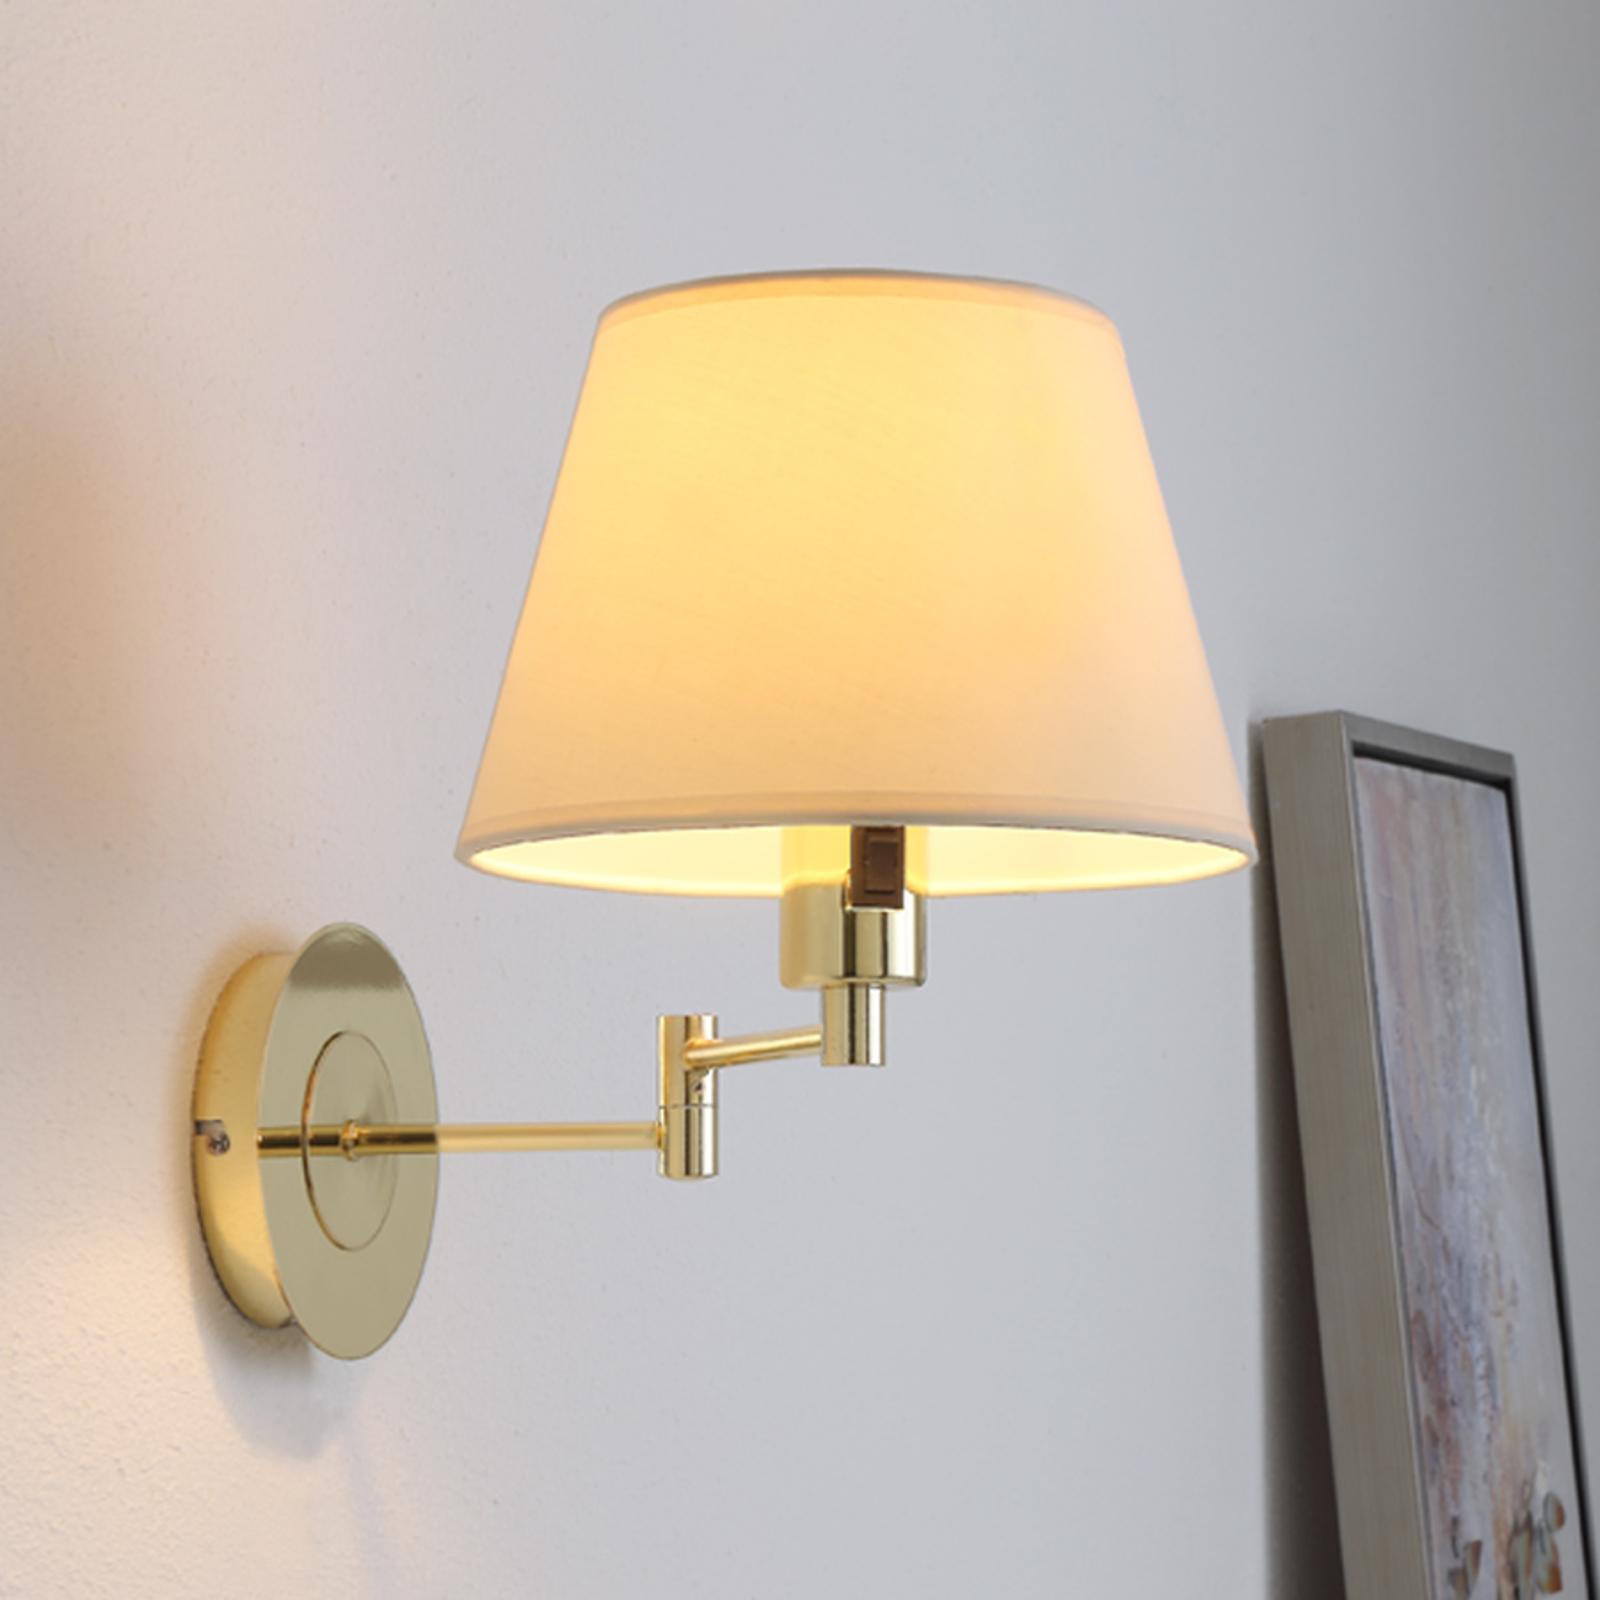 Pola - lampada da parete estraibile ottone lucido